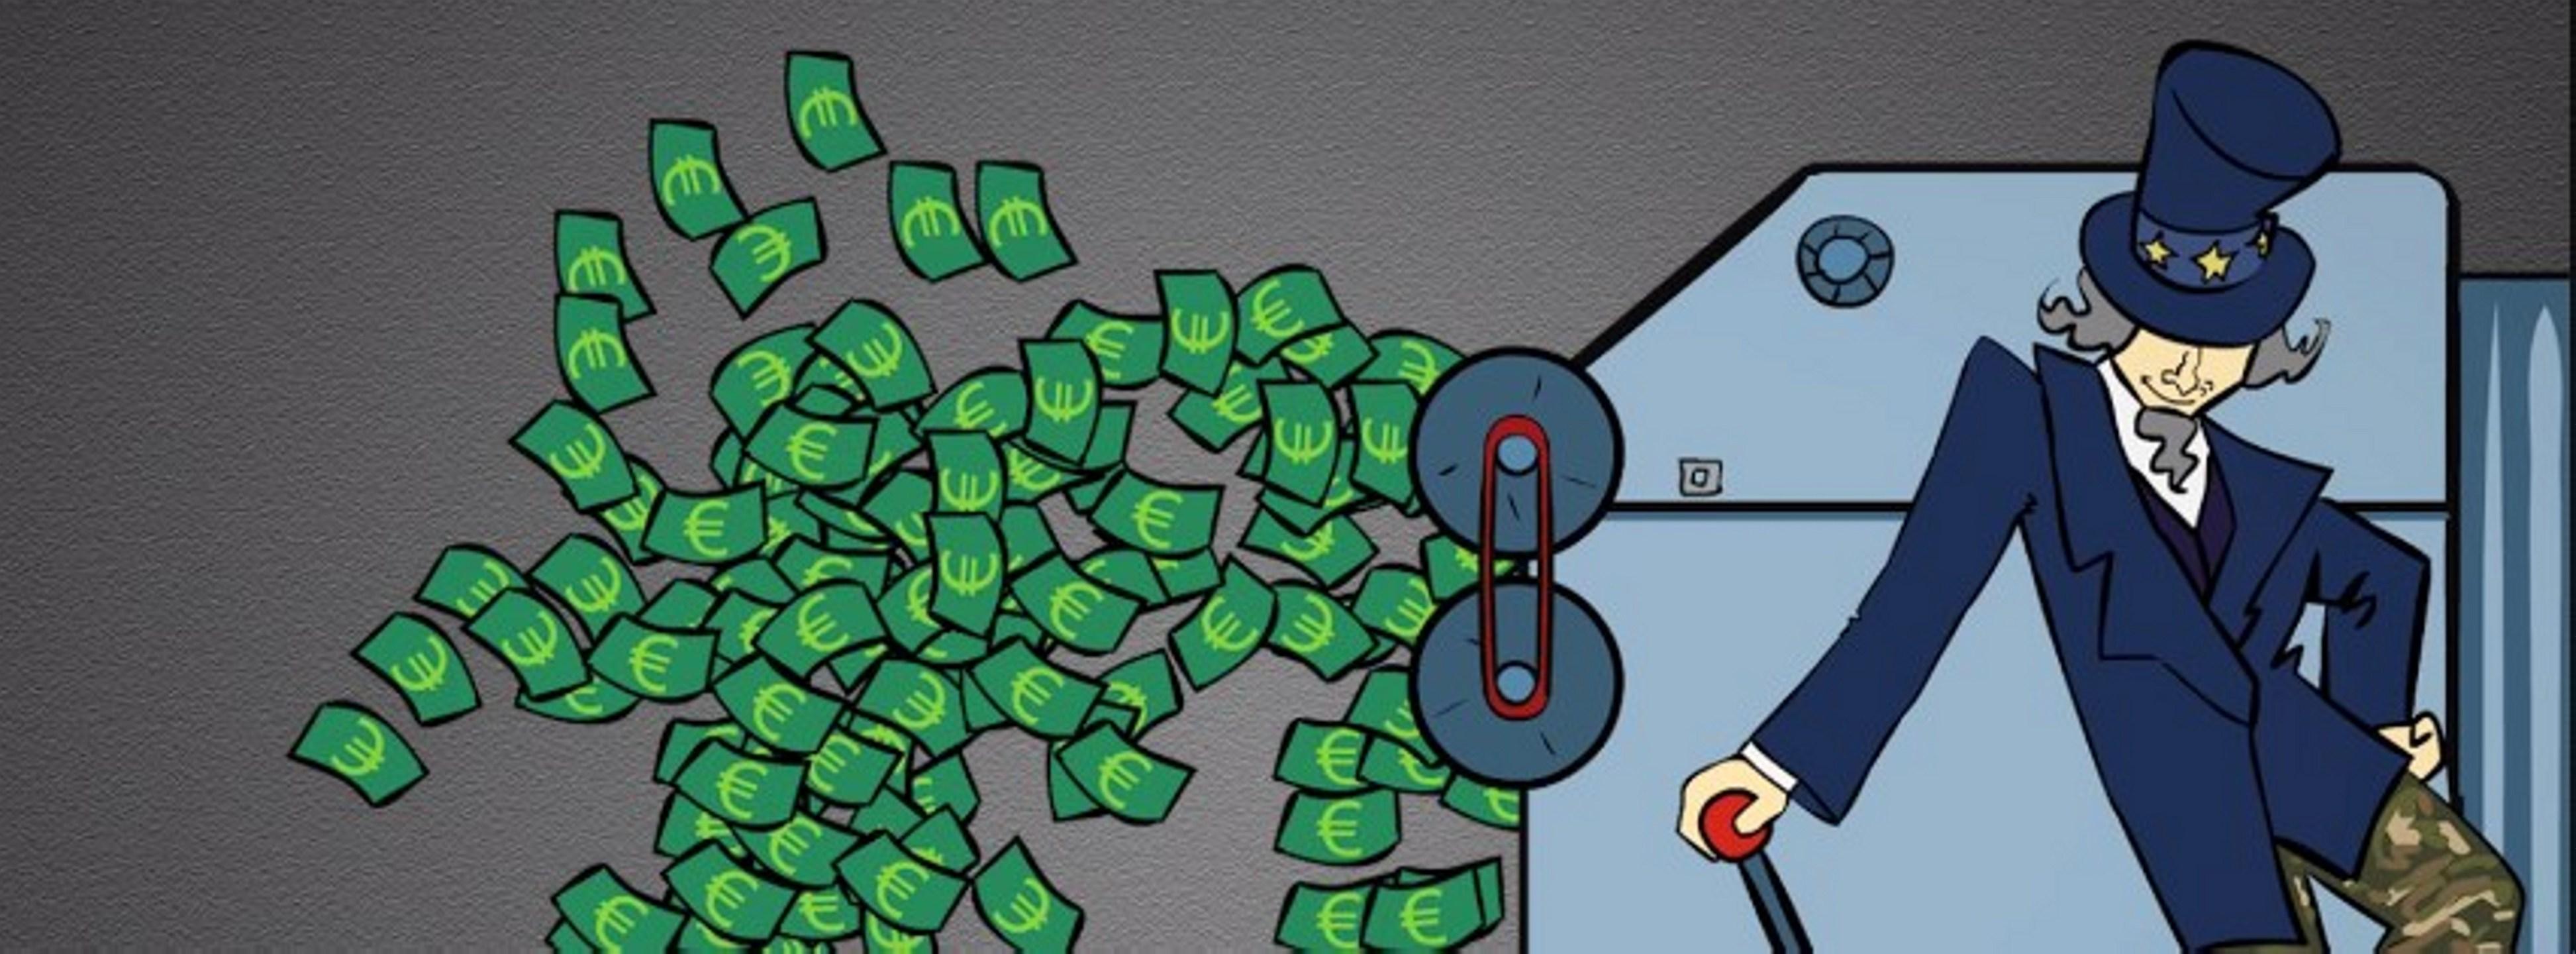 Stoppt die Staatsfinanzierung mit der Notenpresse